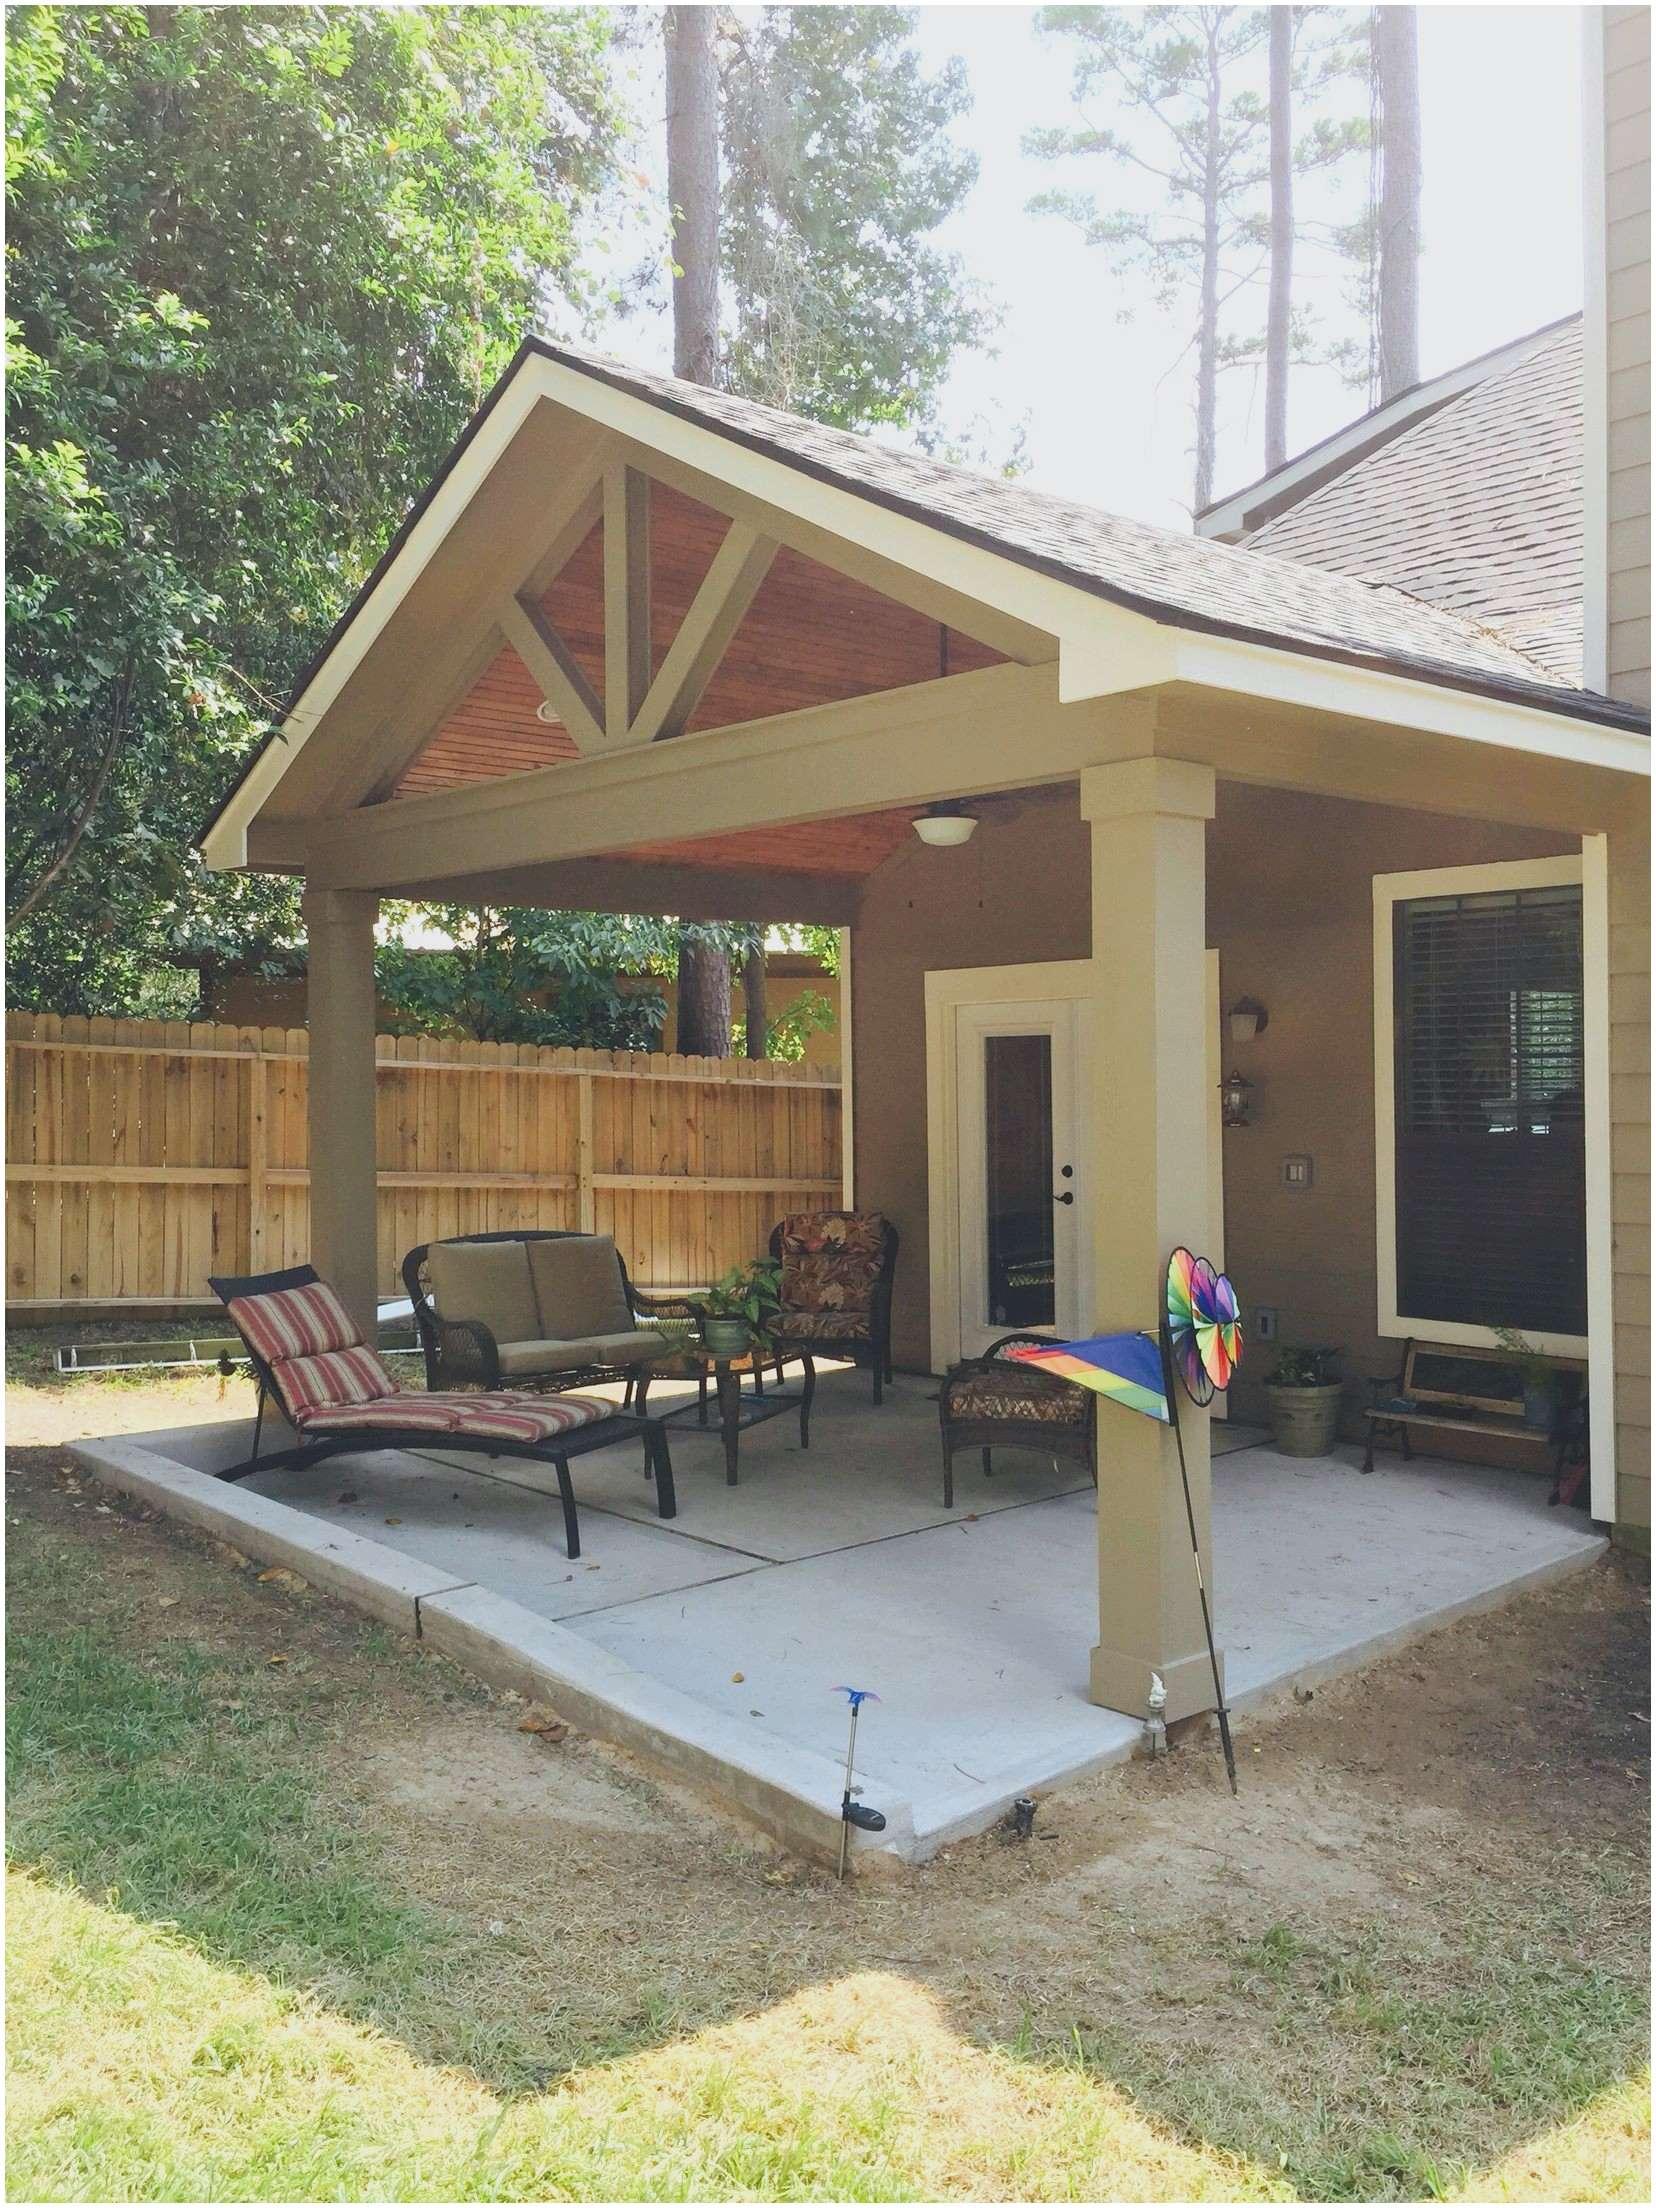 18.SIMPHOME.COM backyard club houses the perfect covered pergolas